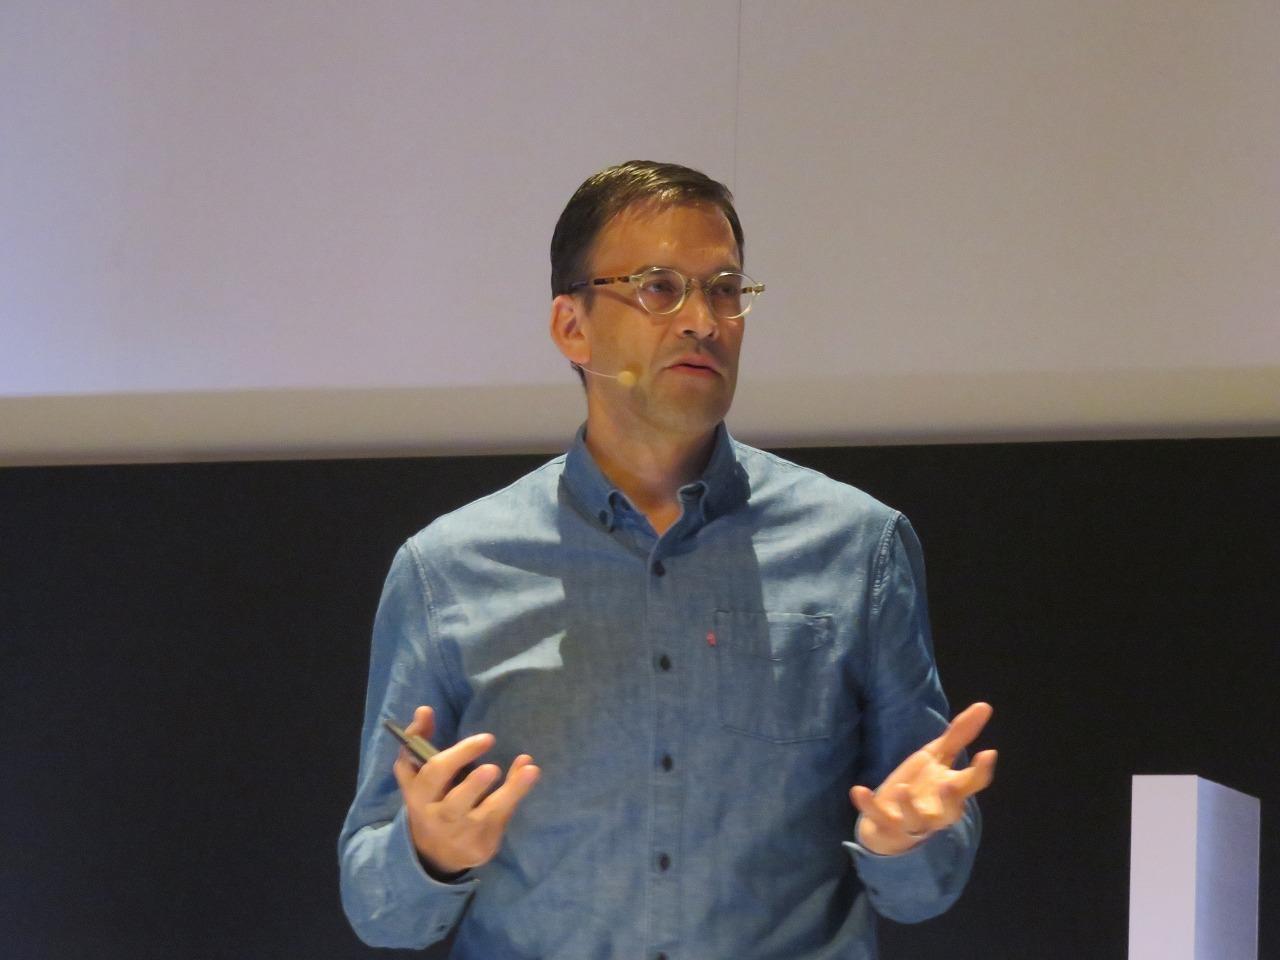 マイクロソフトが新たに示した「4つのクラウドプラットフォーム」の意味